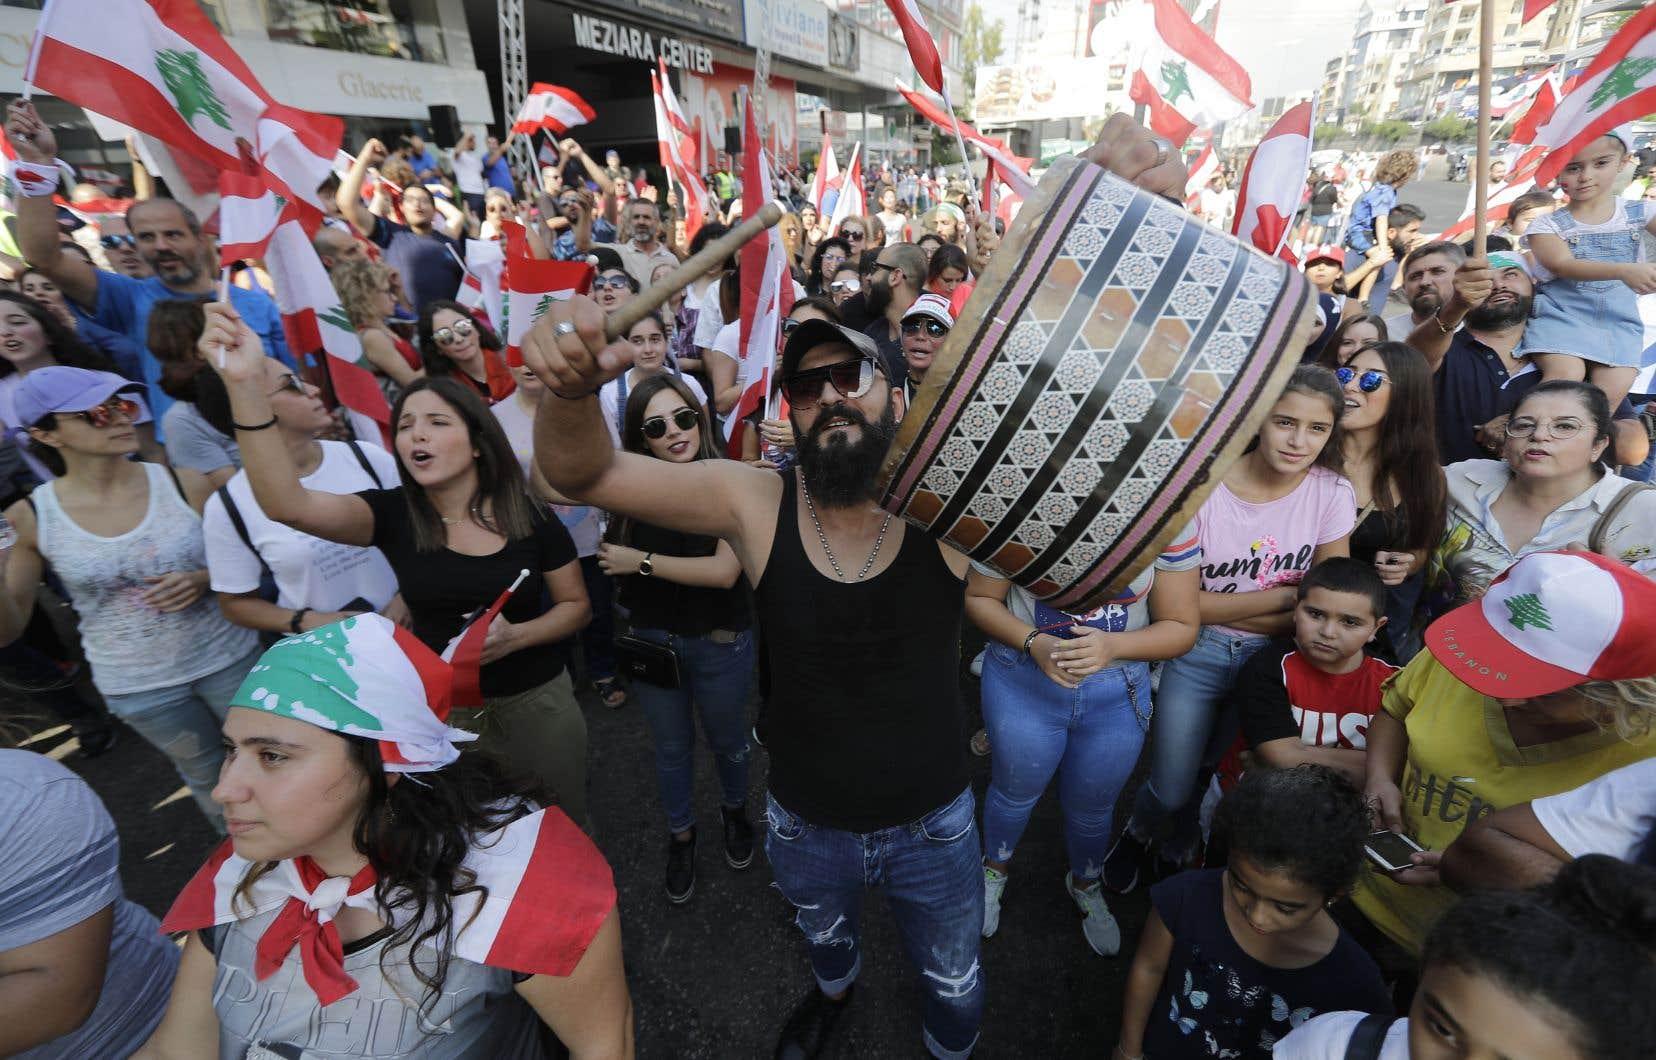 À Beyrouth, on fumait dimanche la chicha et on jouait aux cartes dans la rue. Certains accompagnaient les slogans avec des instruments de musique.